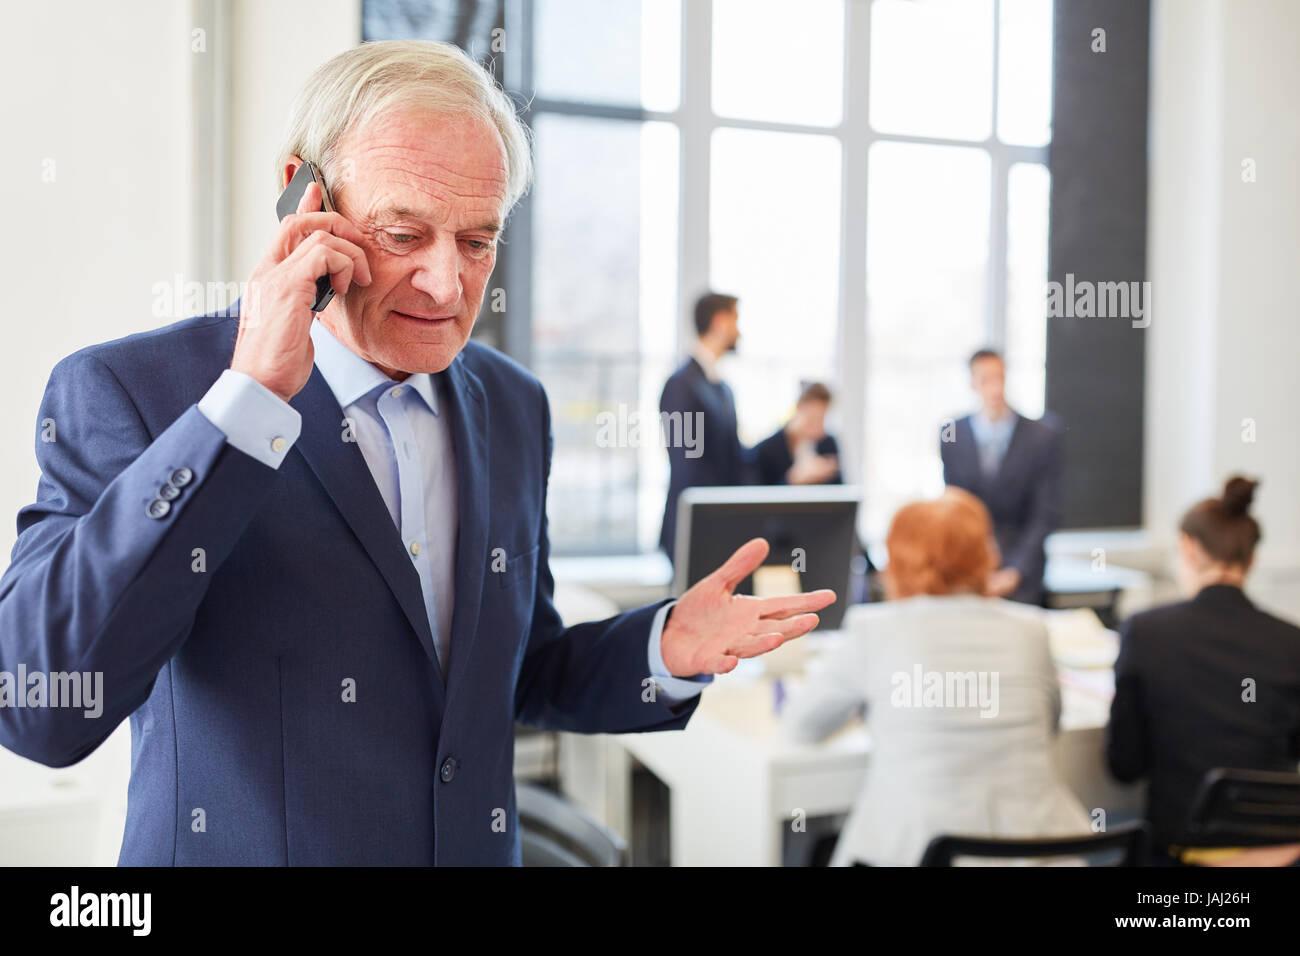 Senior als Rechtsanwalt oder Berater machen Anruf mit smartphone Stockbild